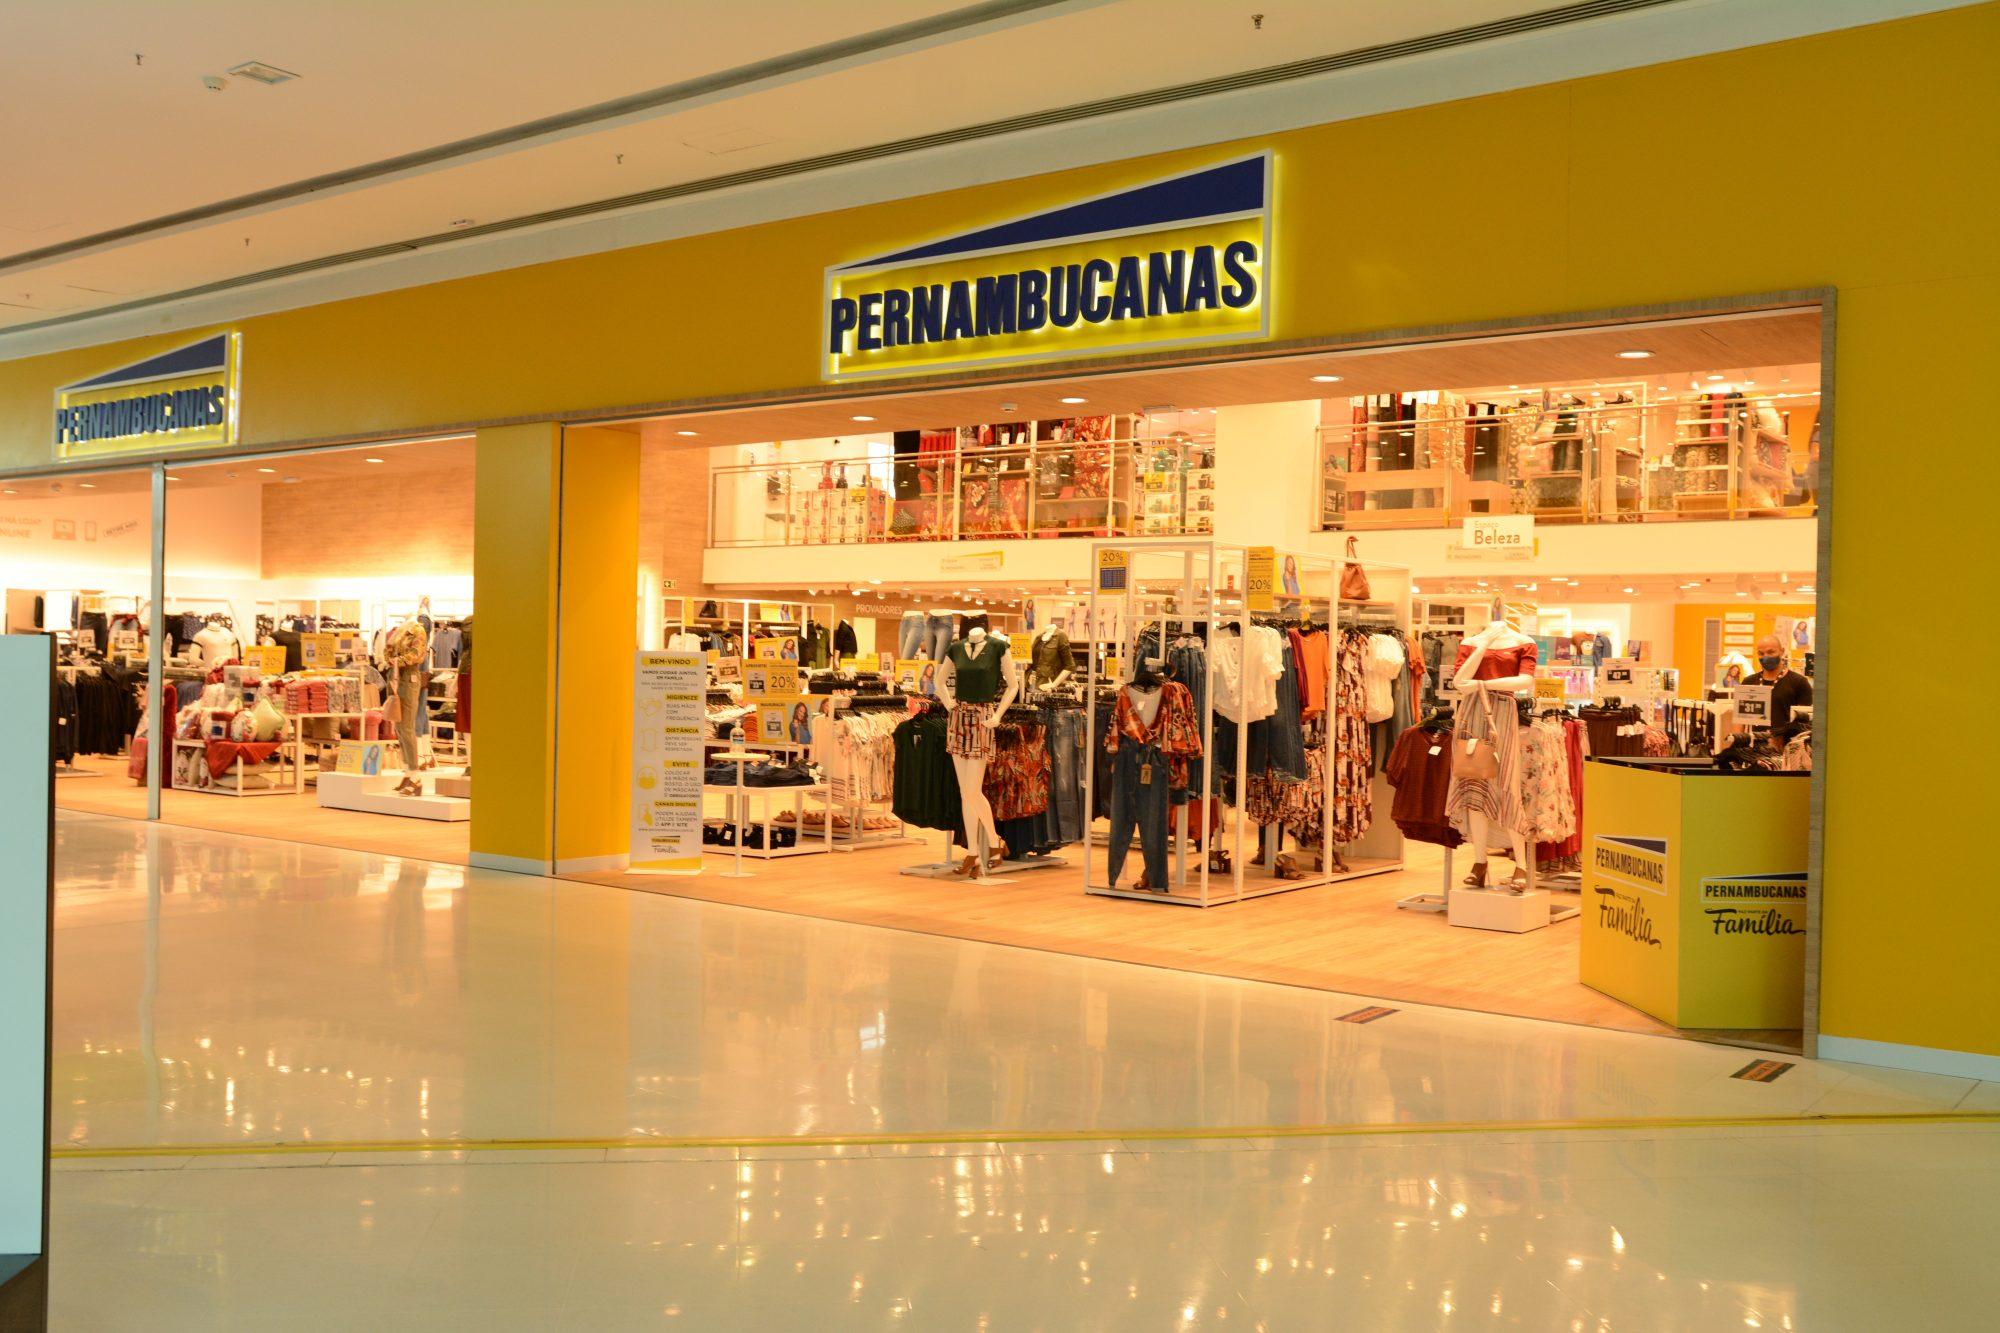 Pernambucanas promove estratégia integrada de Marketing para chegada da marca no Nordeste do país